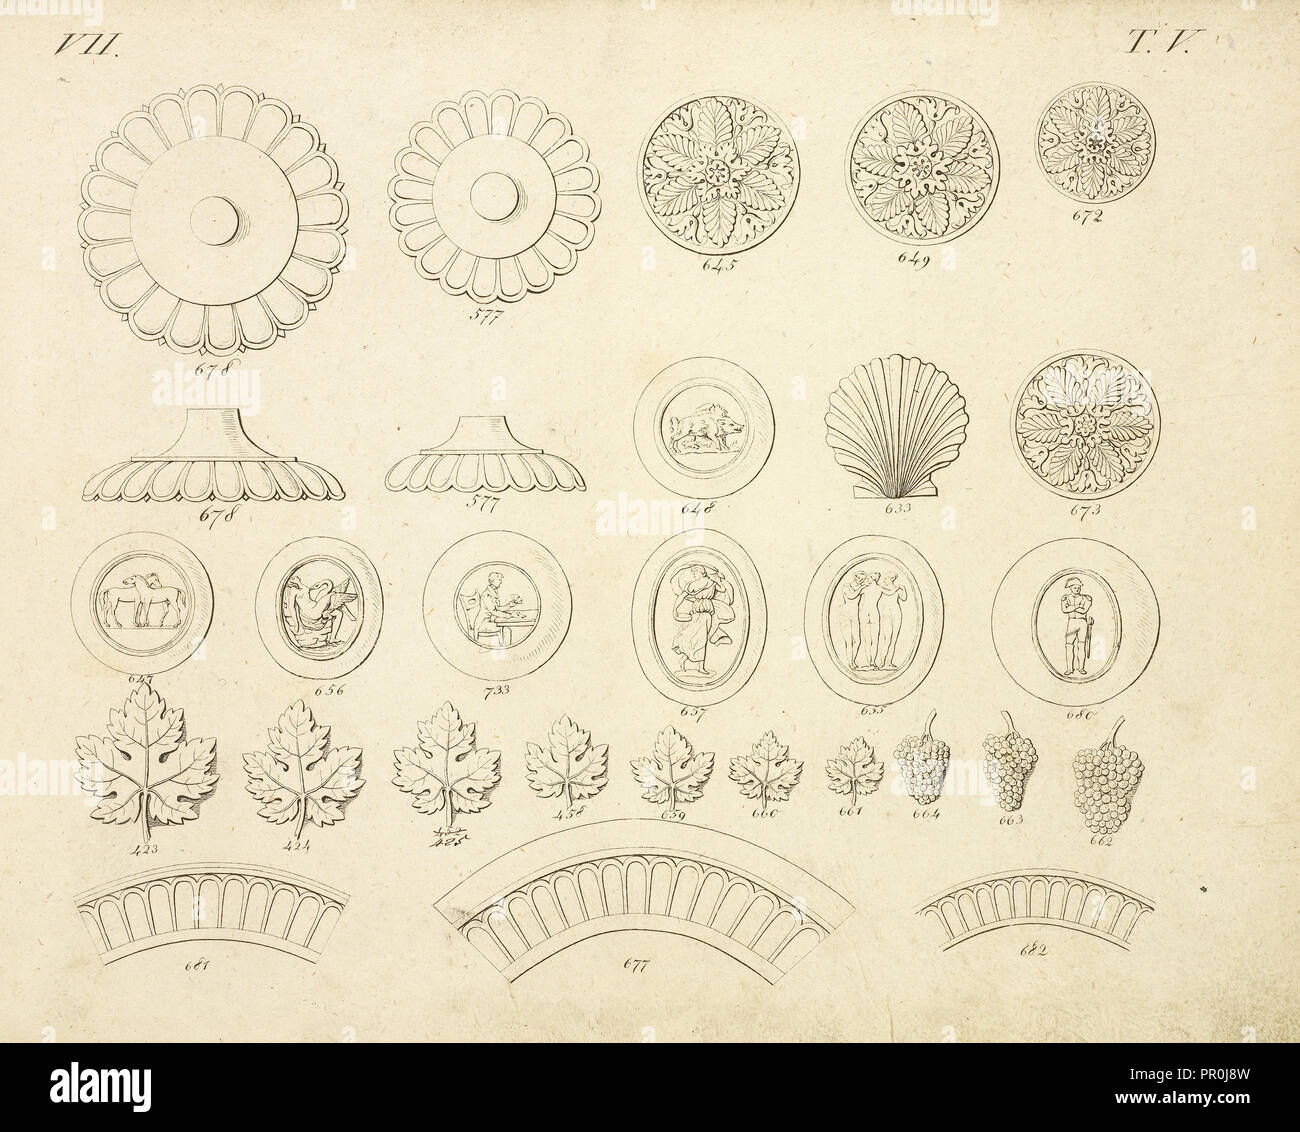 Shell and floral ornaments, Abbildungen von geprägten Ornamenten: Heft I-XII, Bruckmann, Peter, Engraving, between 1815 and 1820 - Stock Image